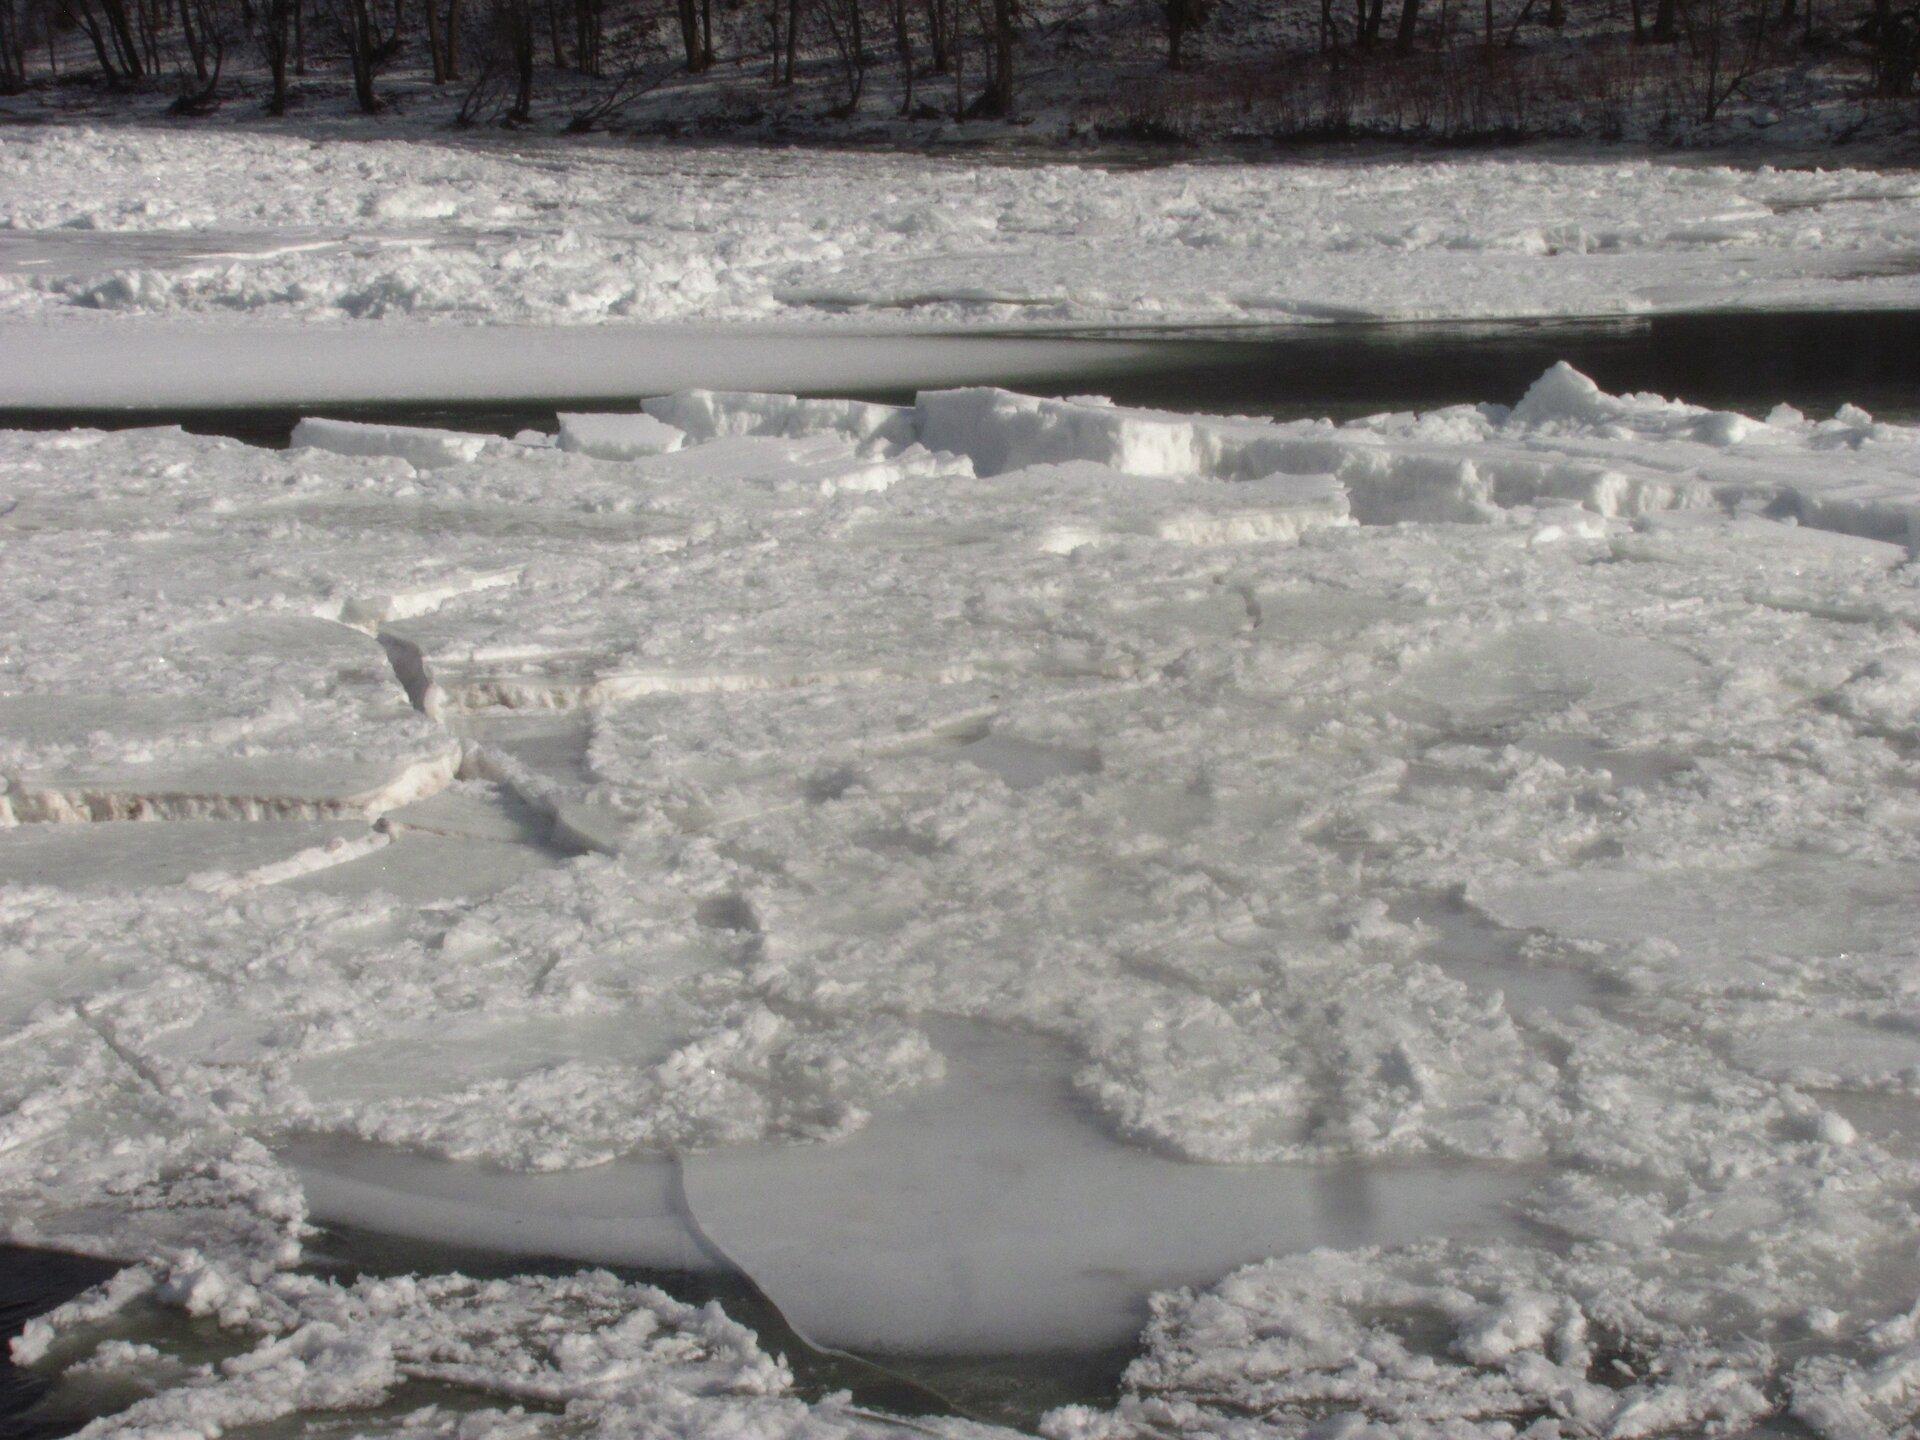 Zdjęcie przedstawia fragment rzeki. Zima. Dzień. Powierzchnia wody niewidoczna. Powierzchnia wody pokryta jest białym spękanym lodem. Duże płyty lodu mają kształt płaskich wielokątów. Krawędzie ostre, przeźroczyste. Niektóre kawałki lodu zachodzą na siebie. Grubość lodu wynosi nawet kilkadziesiąt centymetrów. Powierzchnia lodu pokryta warstwą śniegu. Wtle widoczny fragment rzeki bez unoszącej się kry na powierzchni. Woda wkolorze czarnym. Na drugim planie dalsza część rzeki ibrzeg. Cała powierzchnia rzeki aż po brzeg pokryta lodem iśniegiem. Brzeg rzeki wtle porośnięty gęsto drzewami.